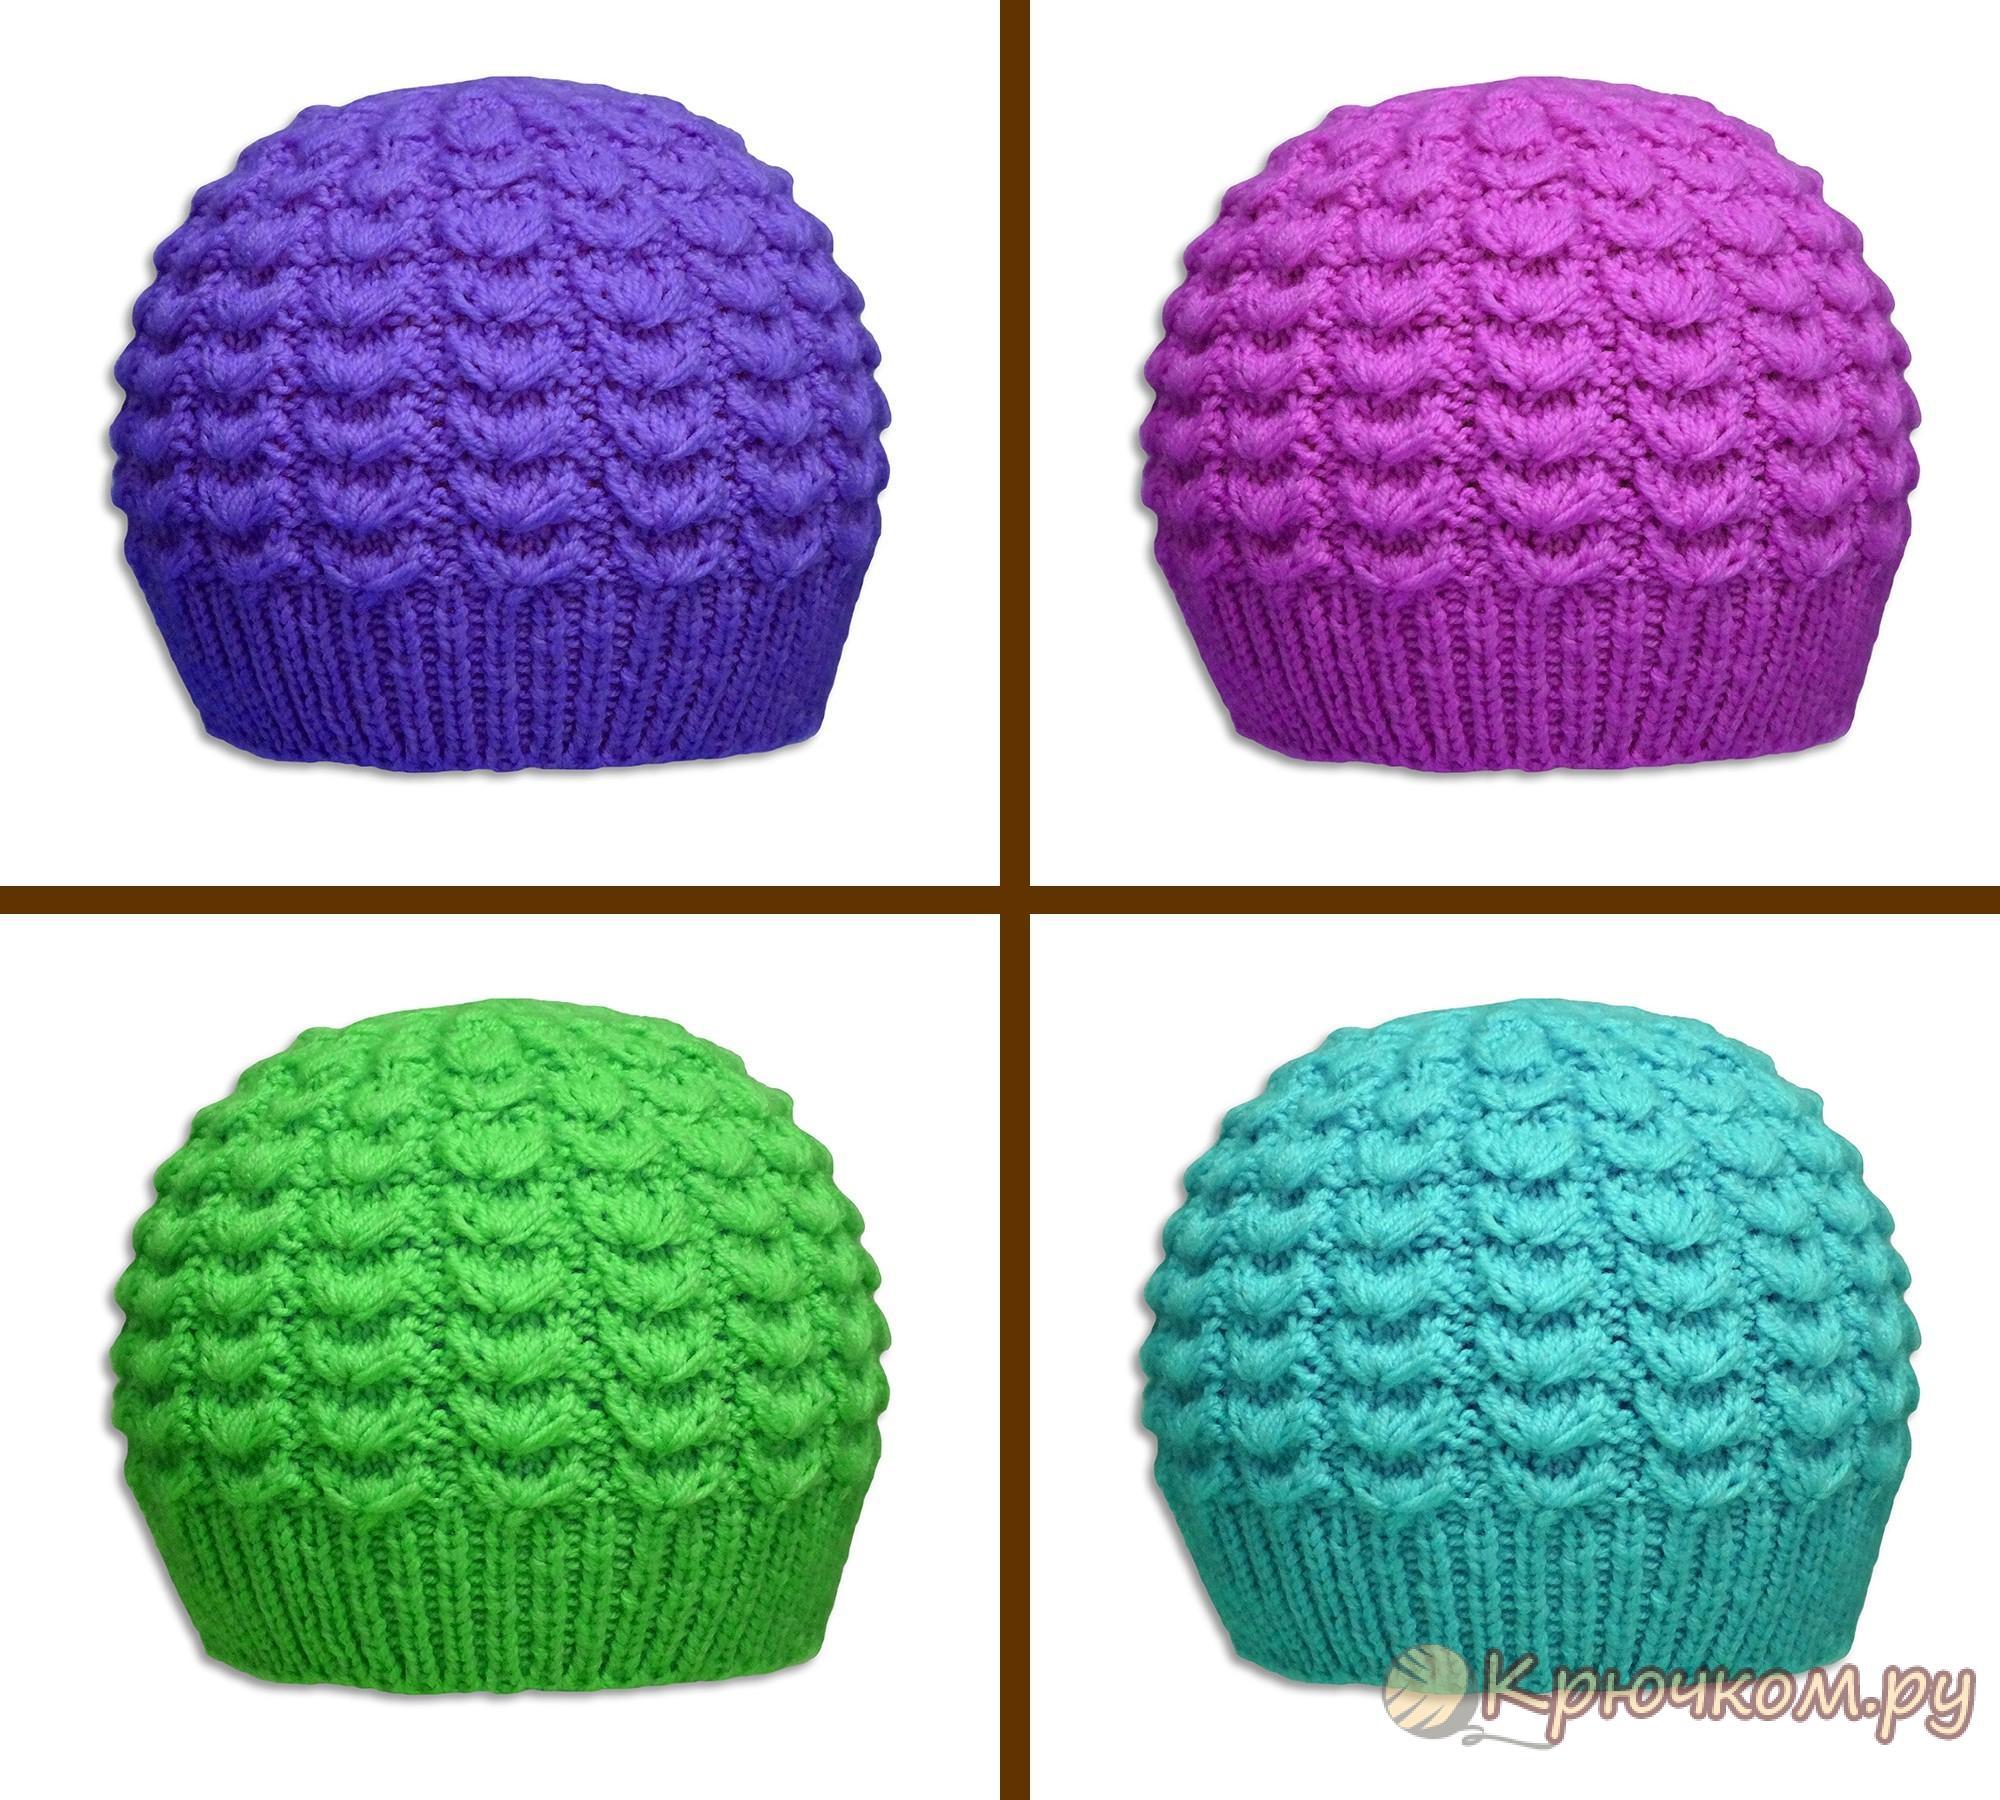 Вязание детских шапок спицами схемы современные модели ...